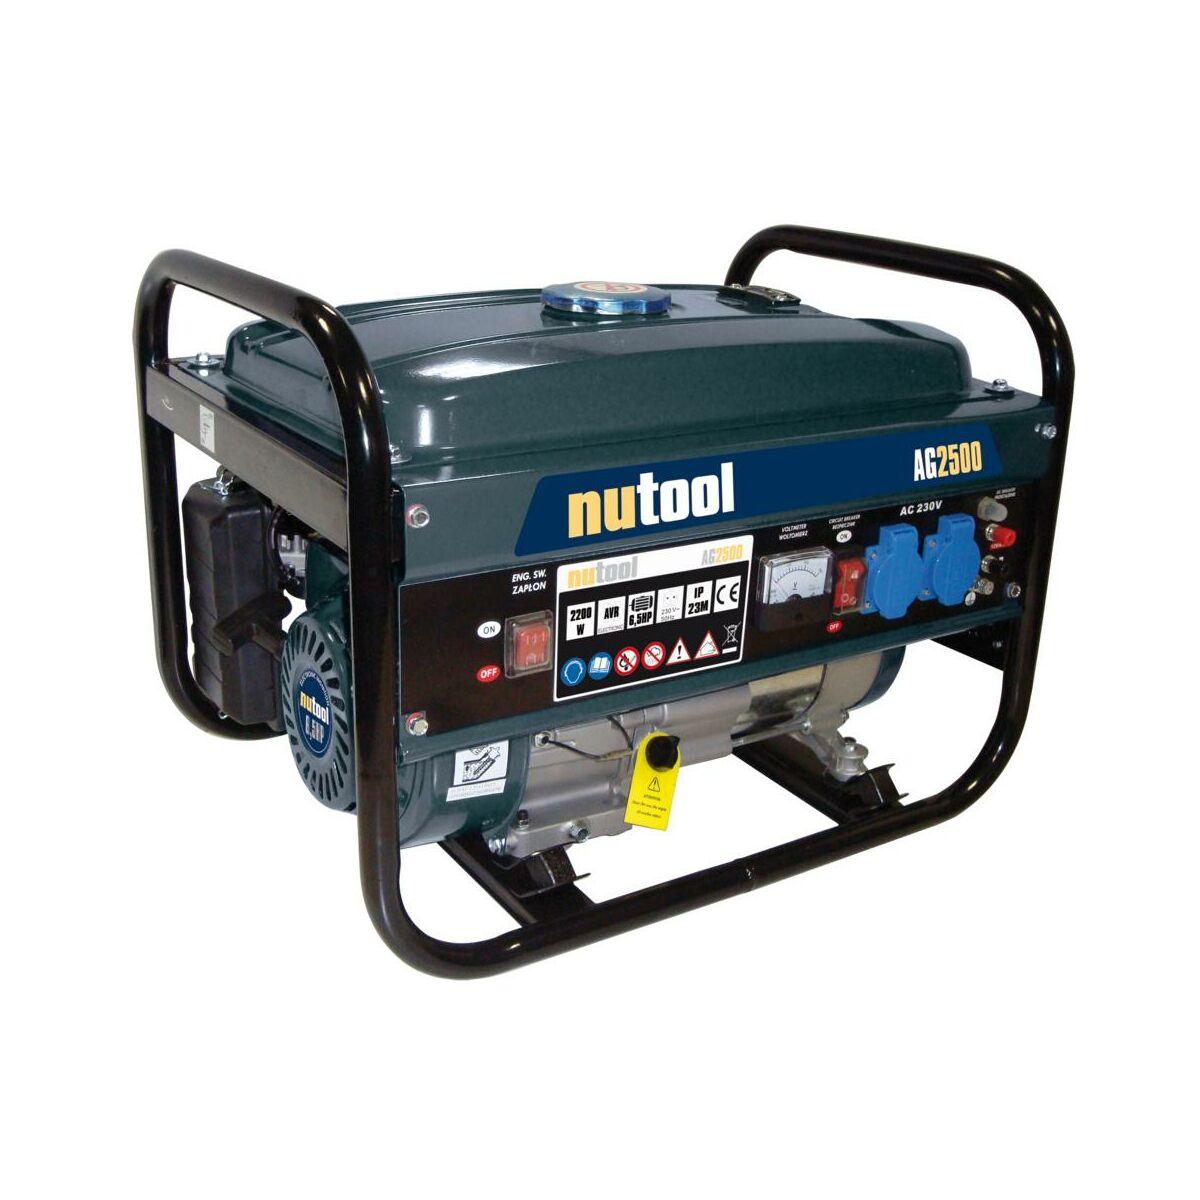 generator pr dotw rczy ag2500 nutool agregaty